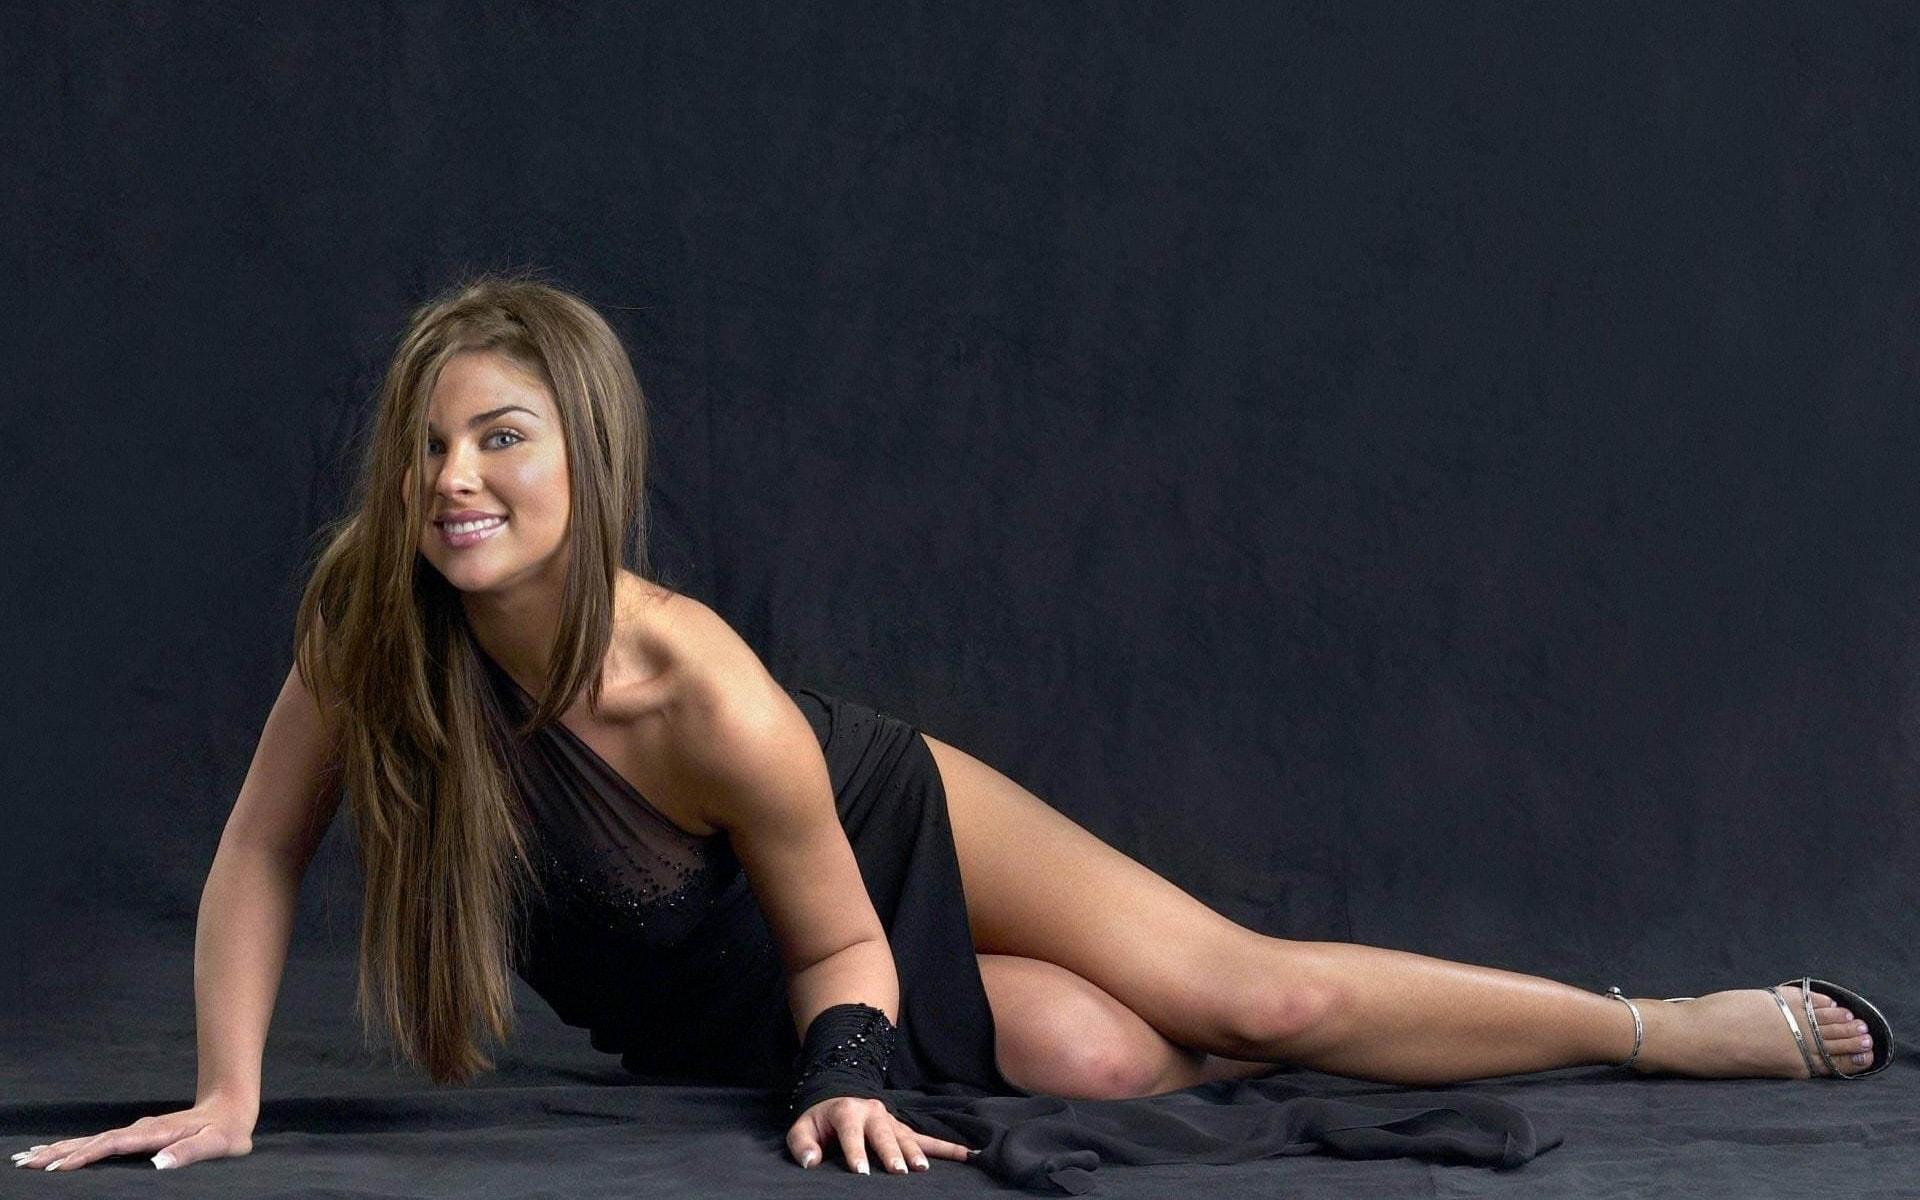 Nadia Bjorlin Pictures